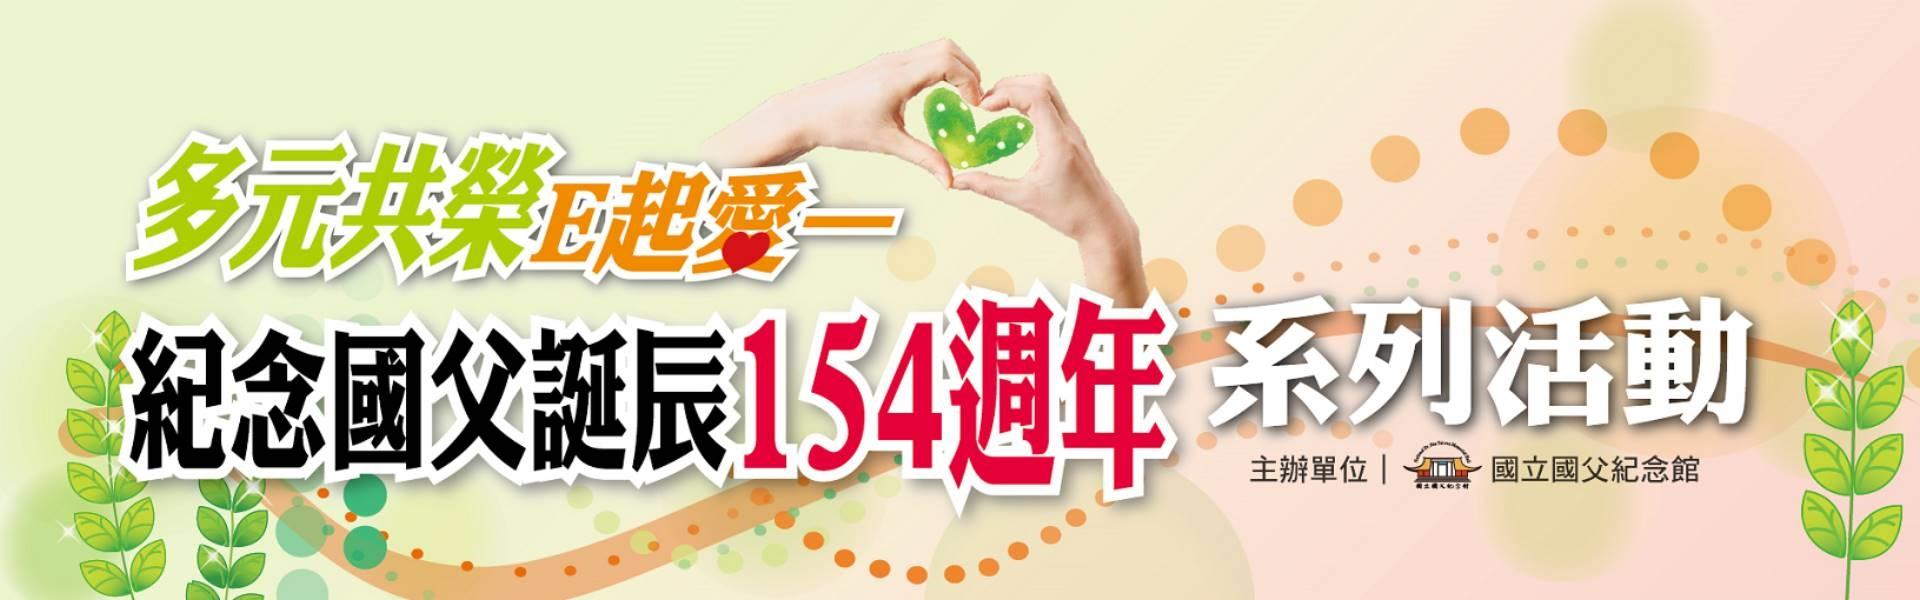 多元共榮E起愛-紀念國父誕辰154週年系列活動一覽表[另開新視窗]